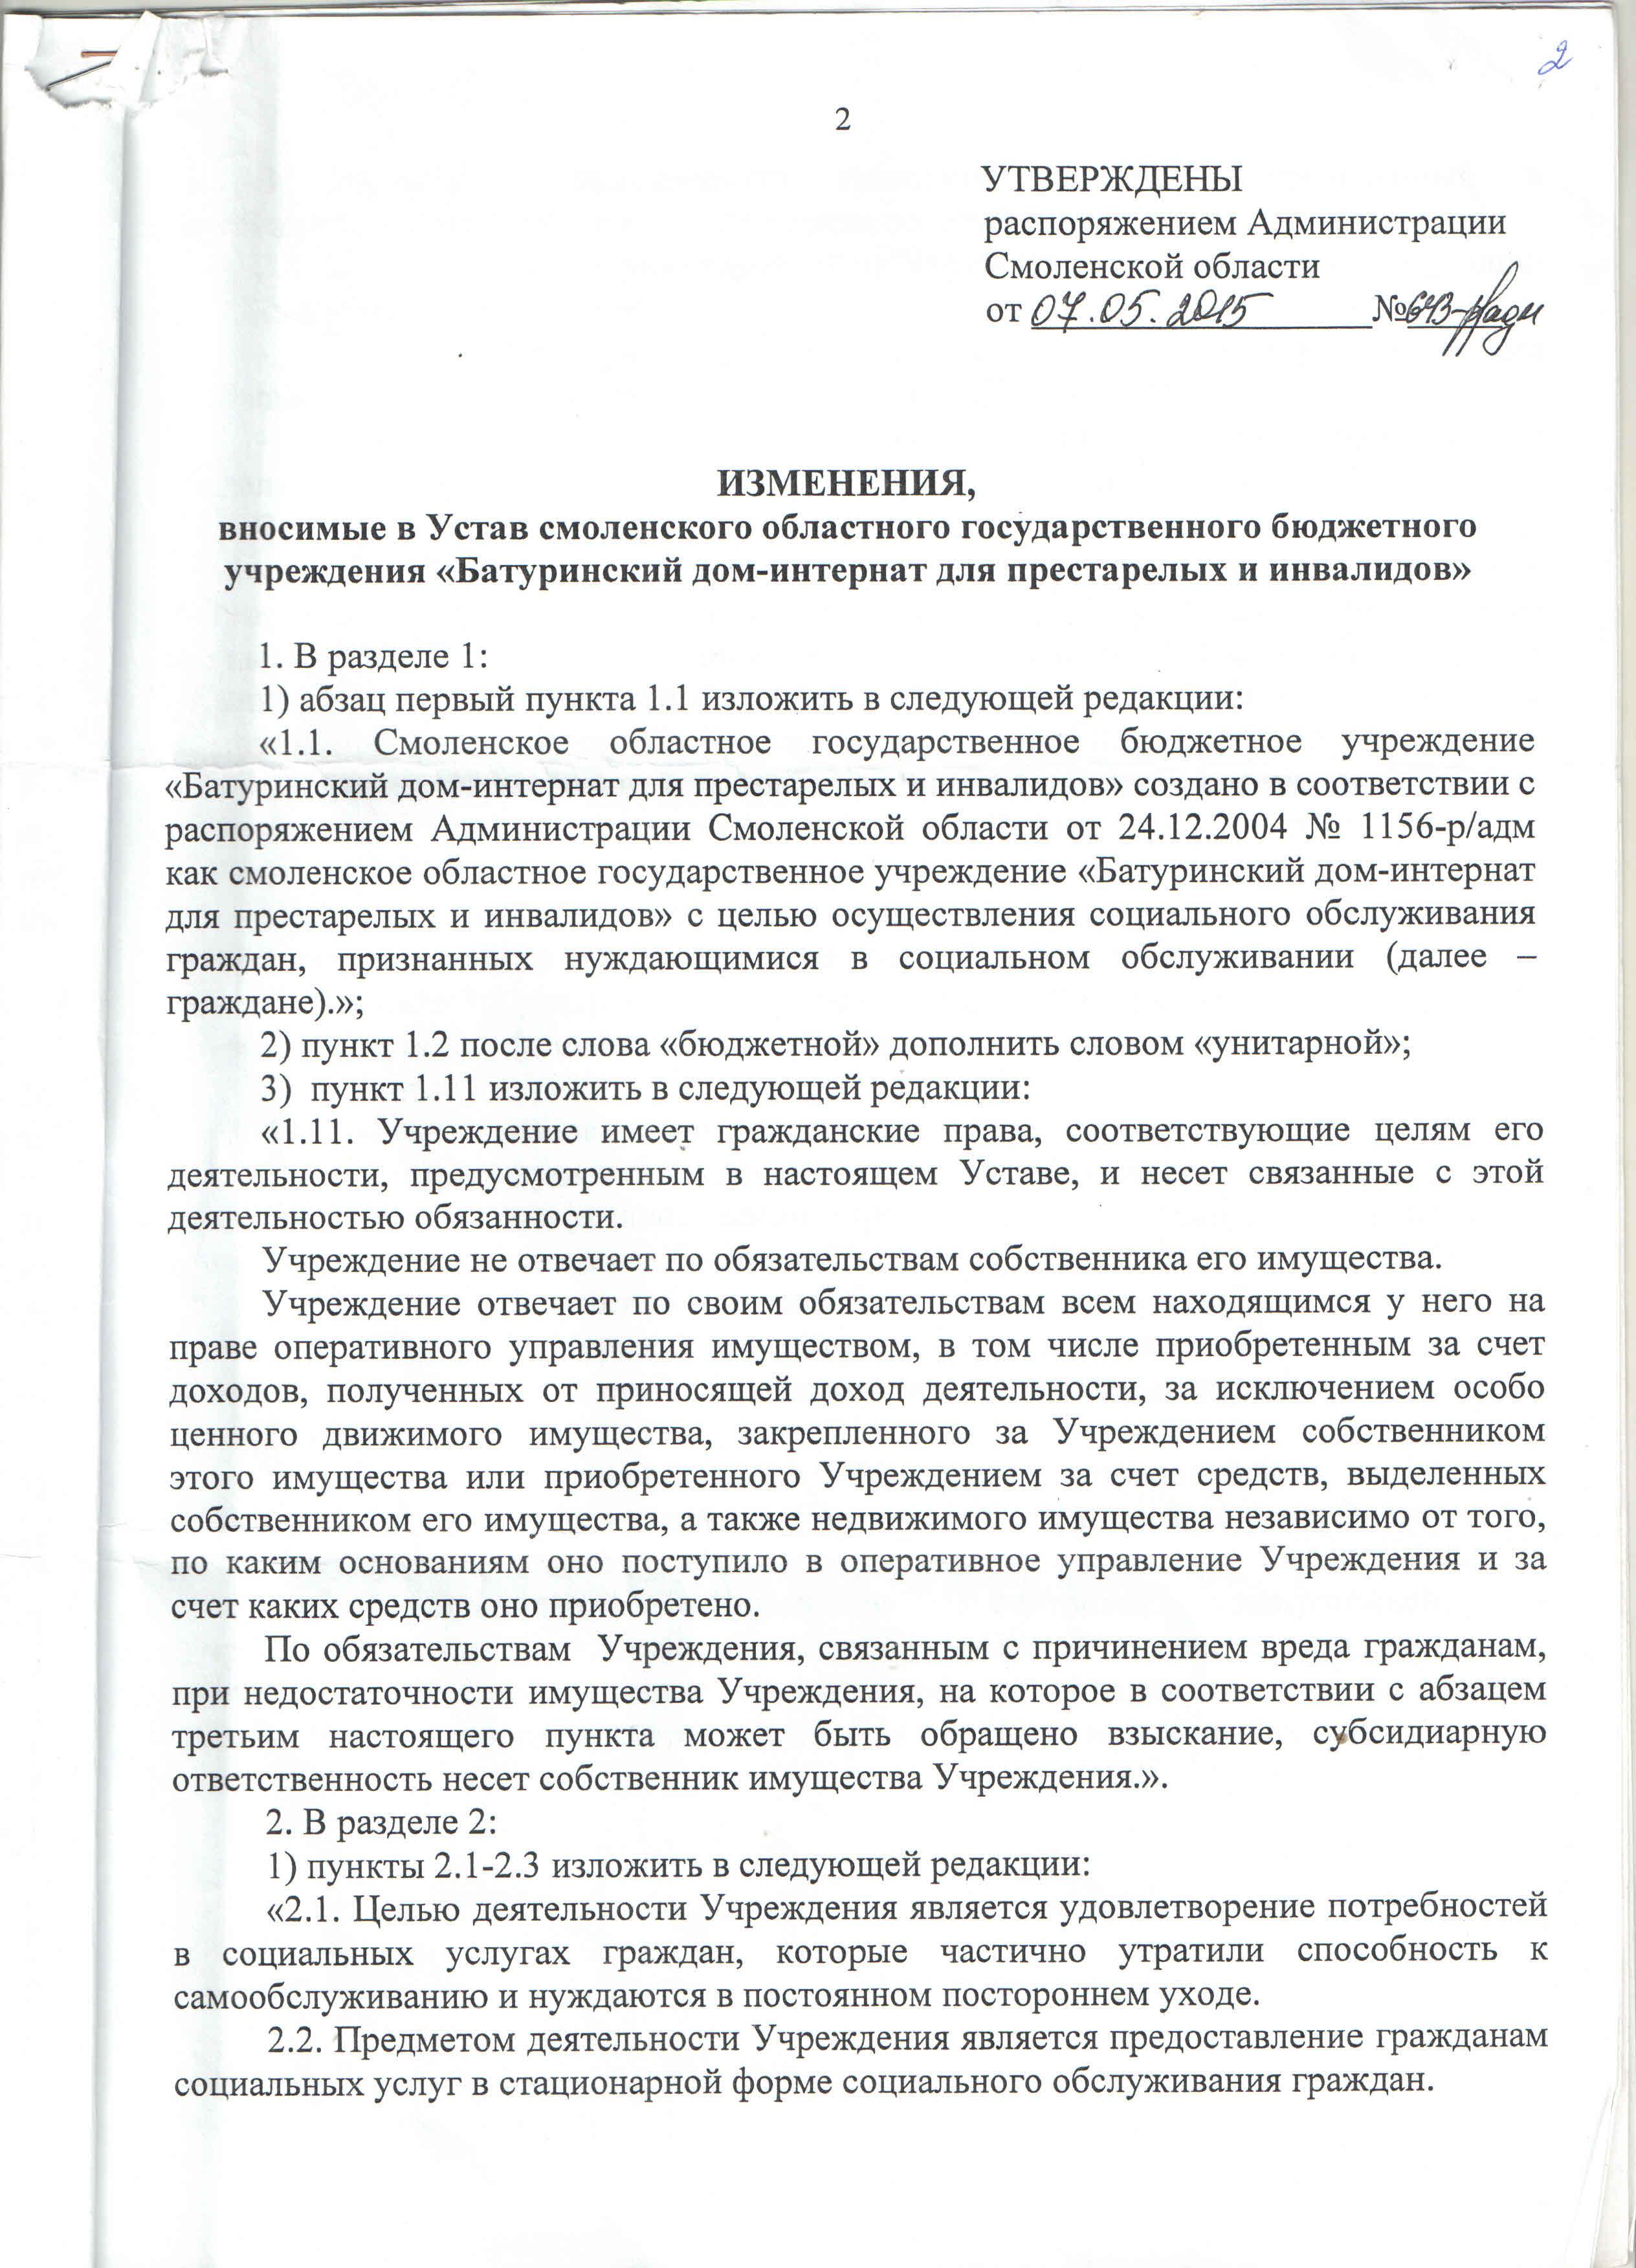 Инструкция по охране труда должностных лиц главный зоотехник